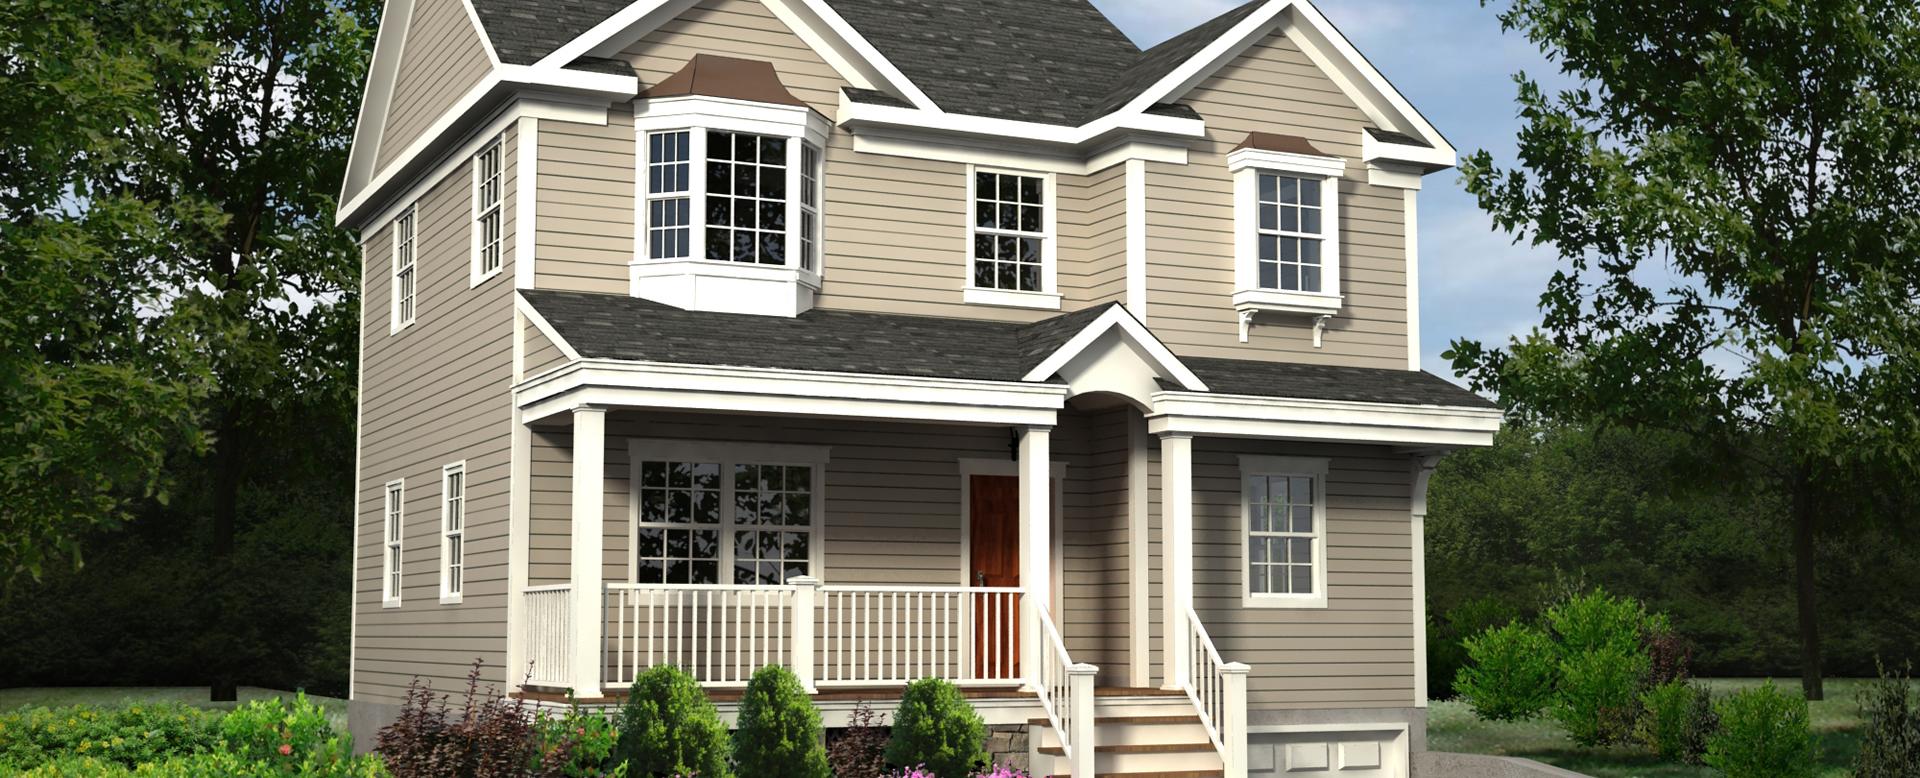 Plan Chalet Modular Home Chalet Modular Home Floor Plans